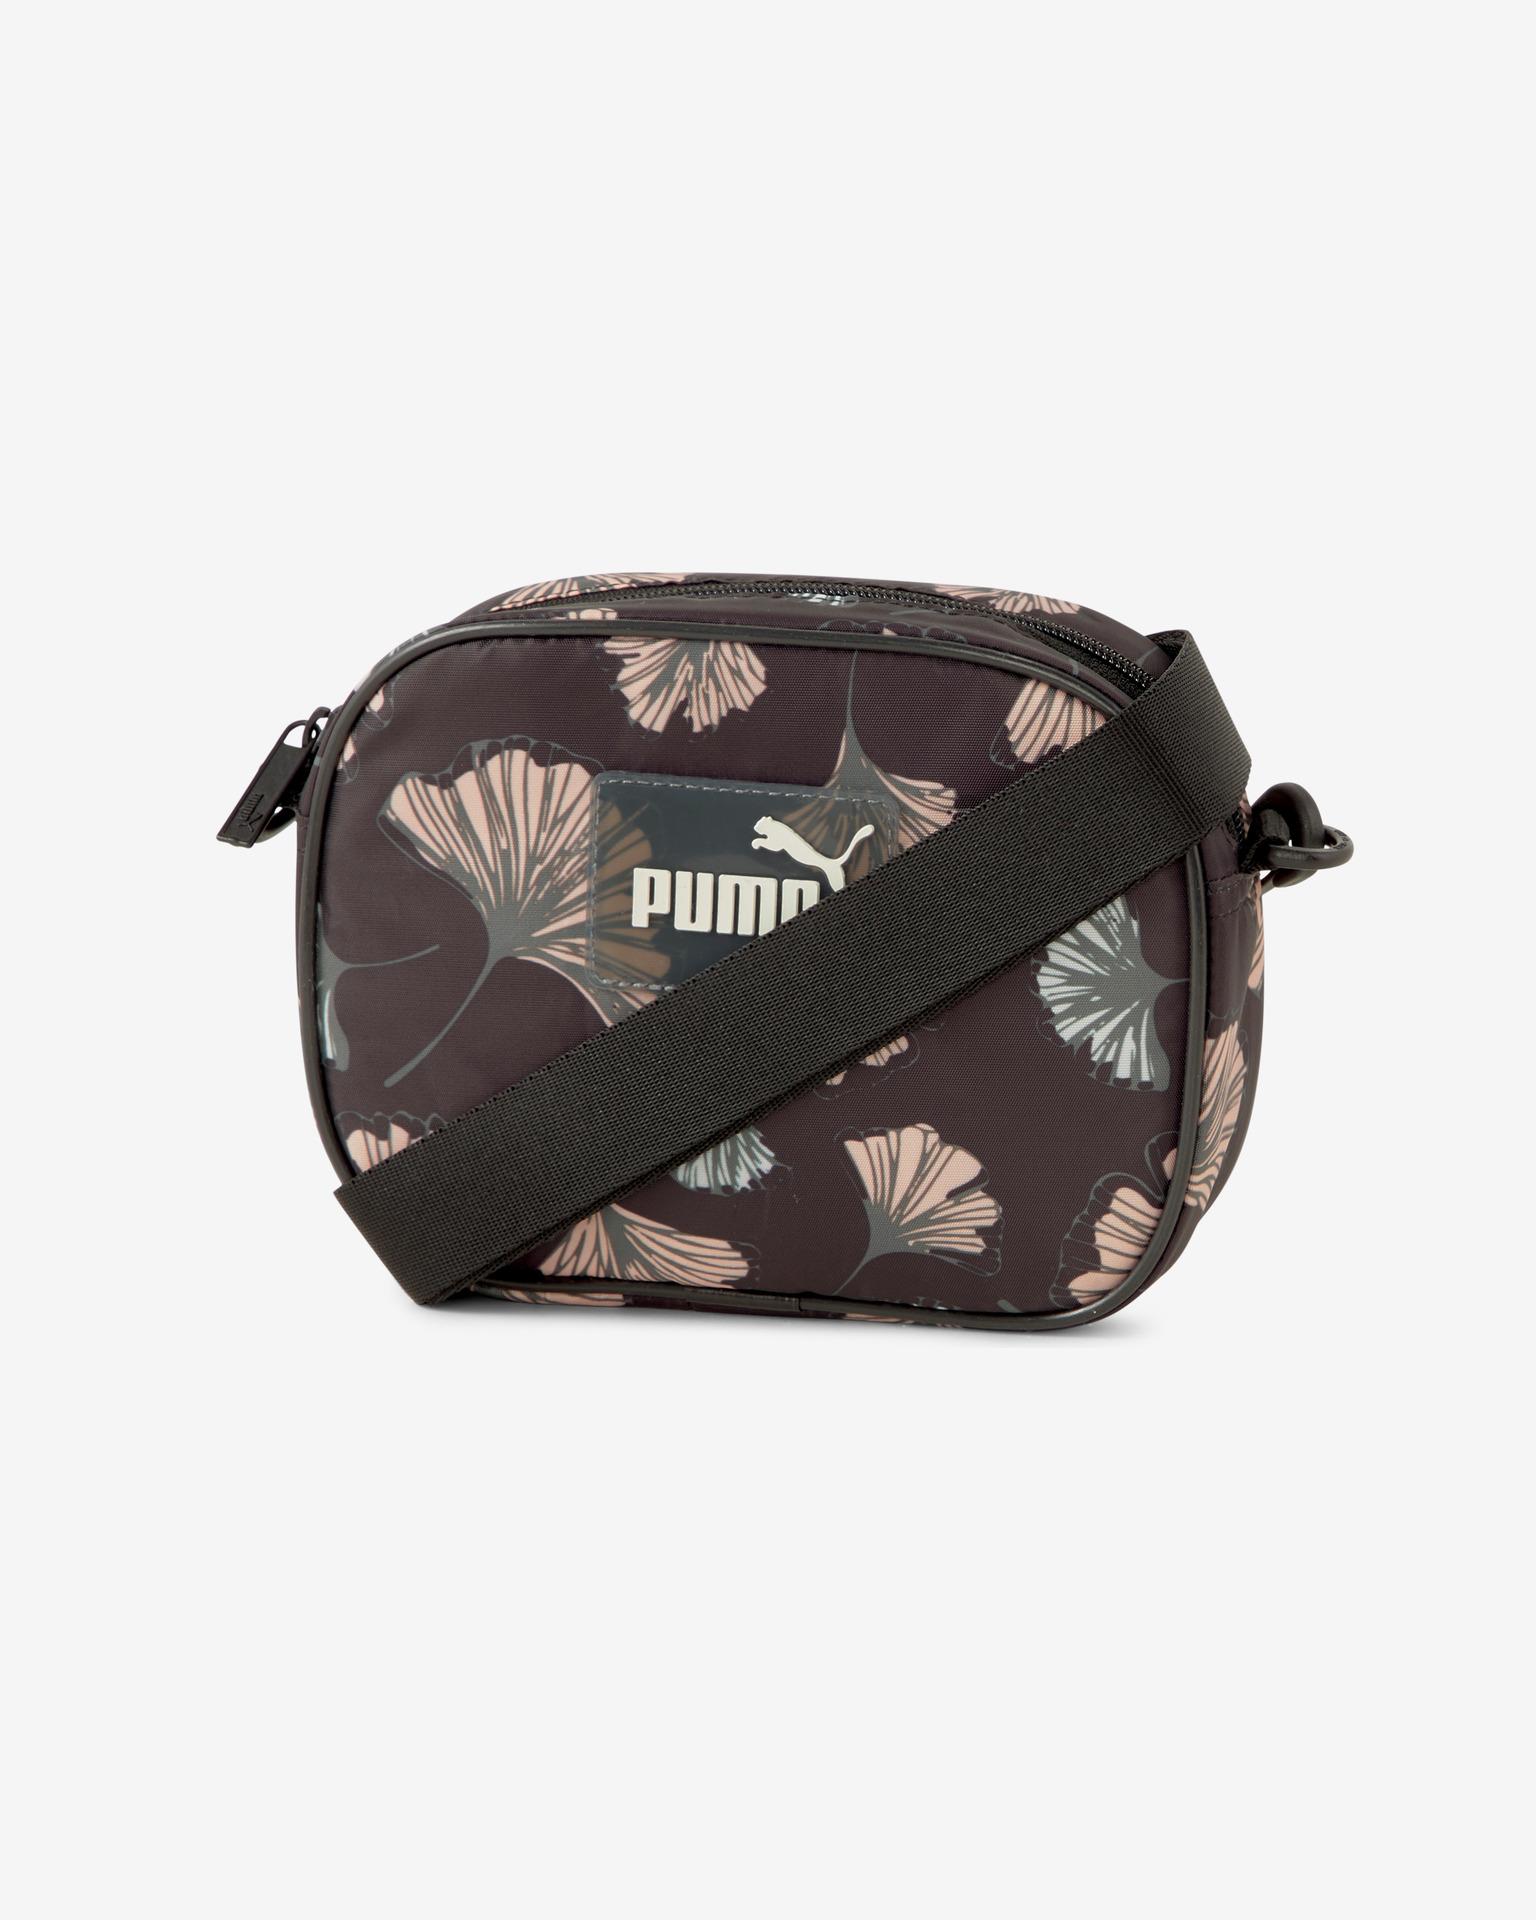 Core Pop Cross чанта за тяло Puma